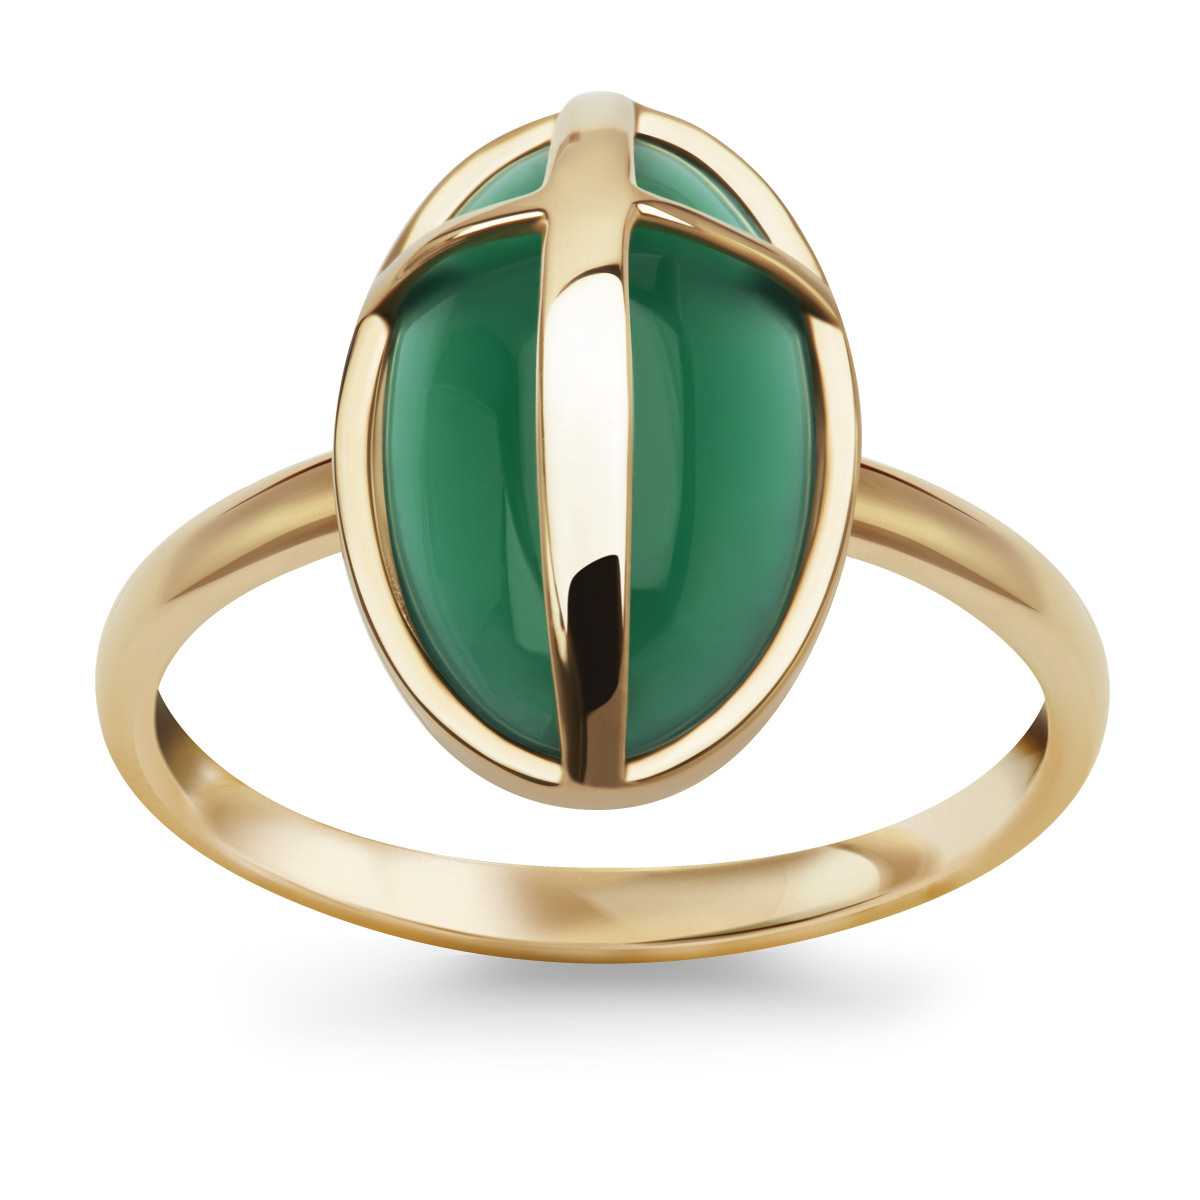 63ebc0f165f8d5 Skarabeusz - złoty pierścionek (14319 - 29414)